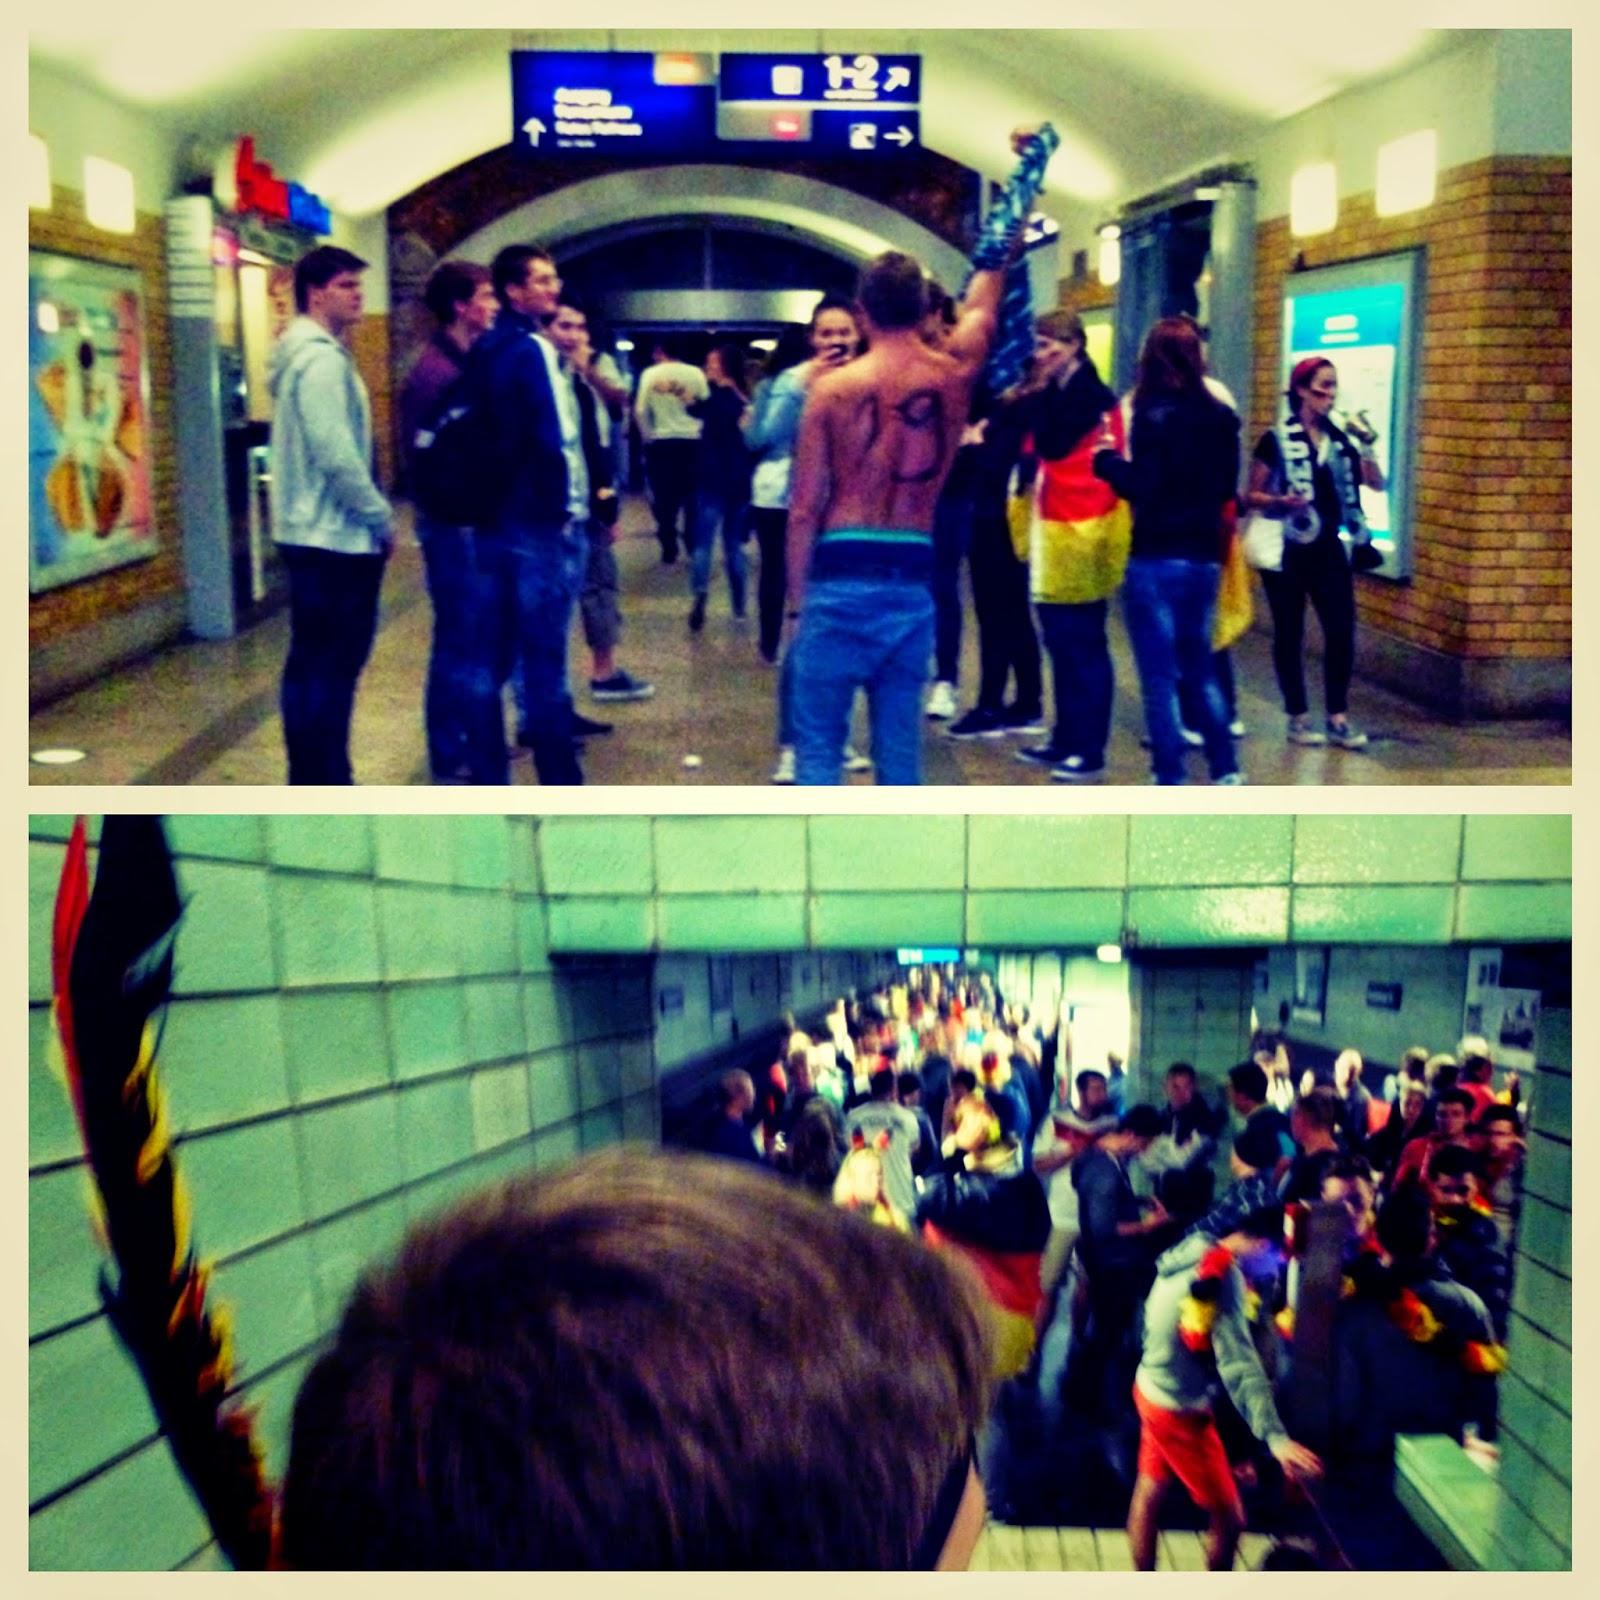 Berlin Underground after world cup